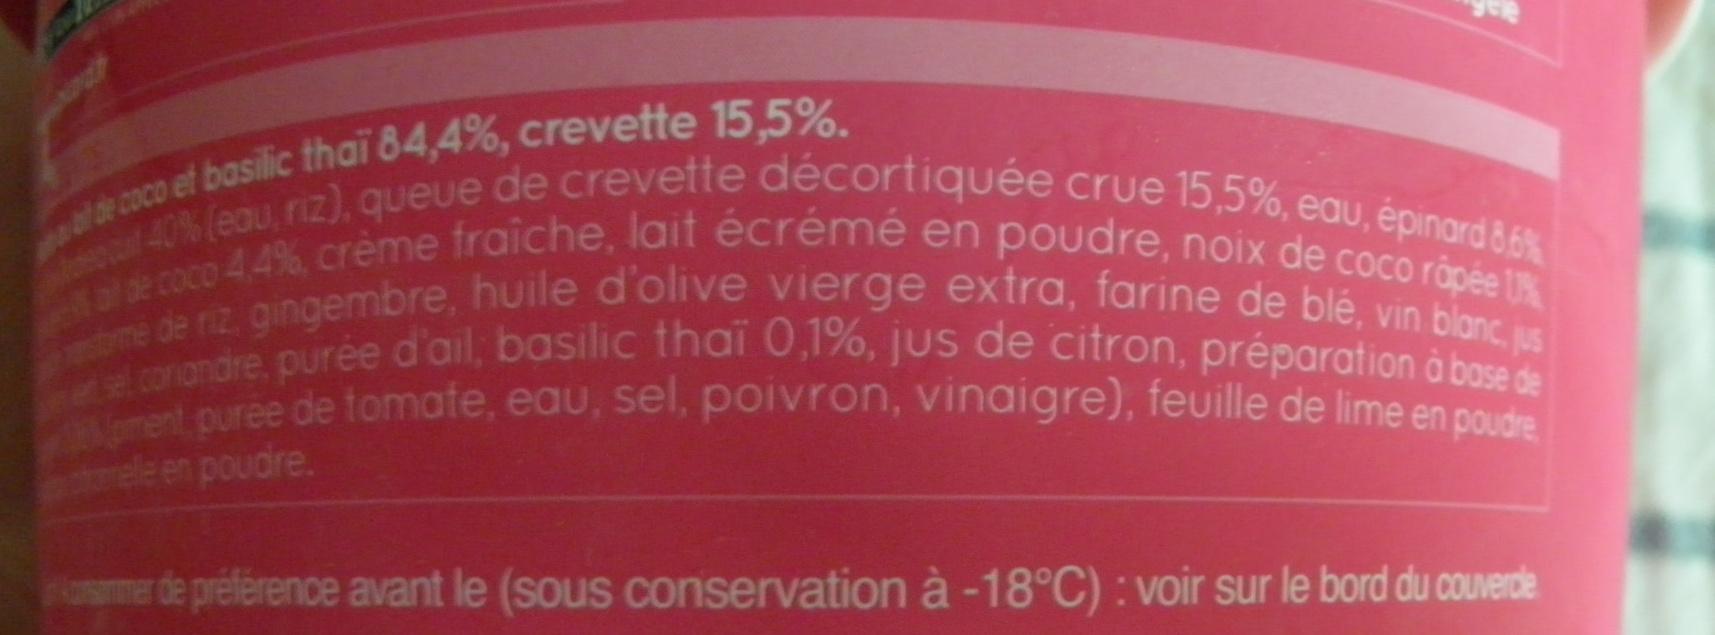 Crevettes risotto-lait de coco-basilic thaï, surgelés - Ingrédients - fr